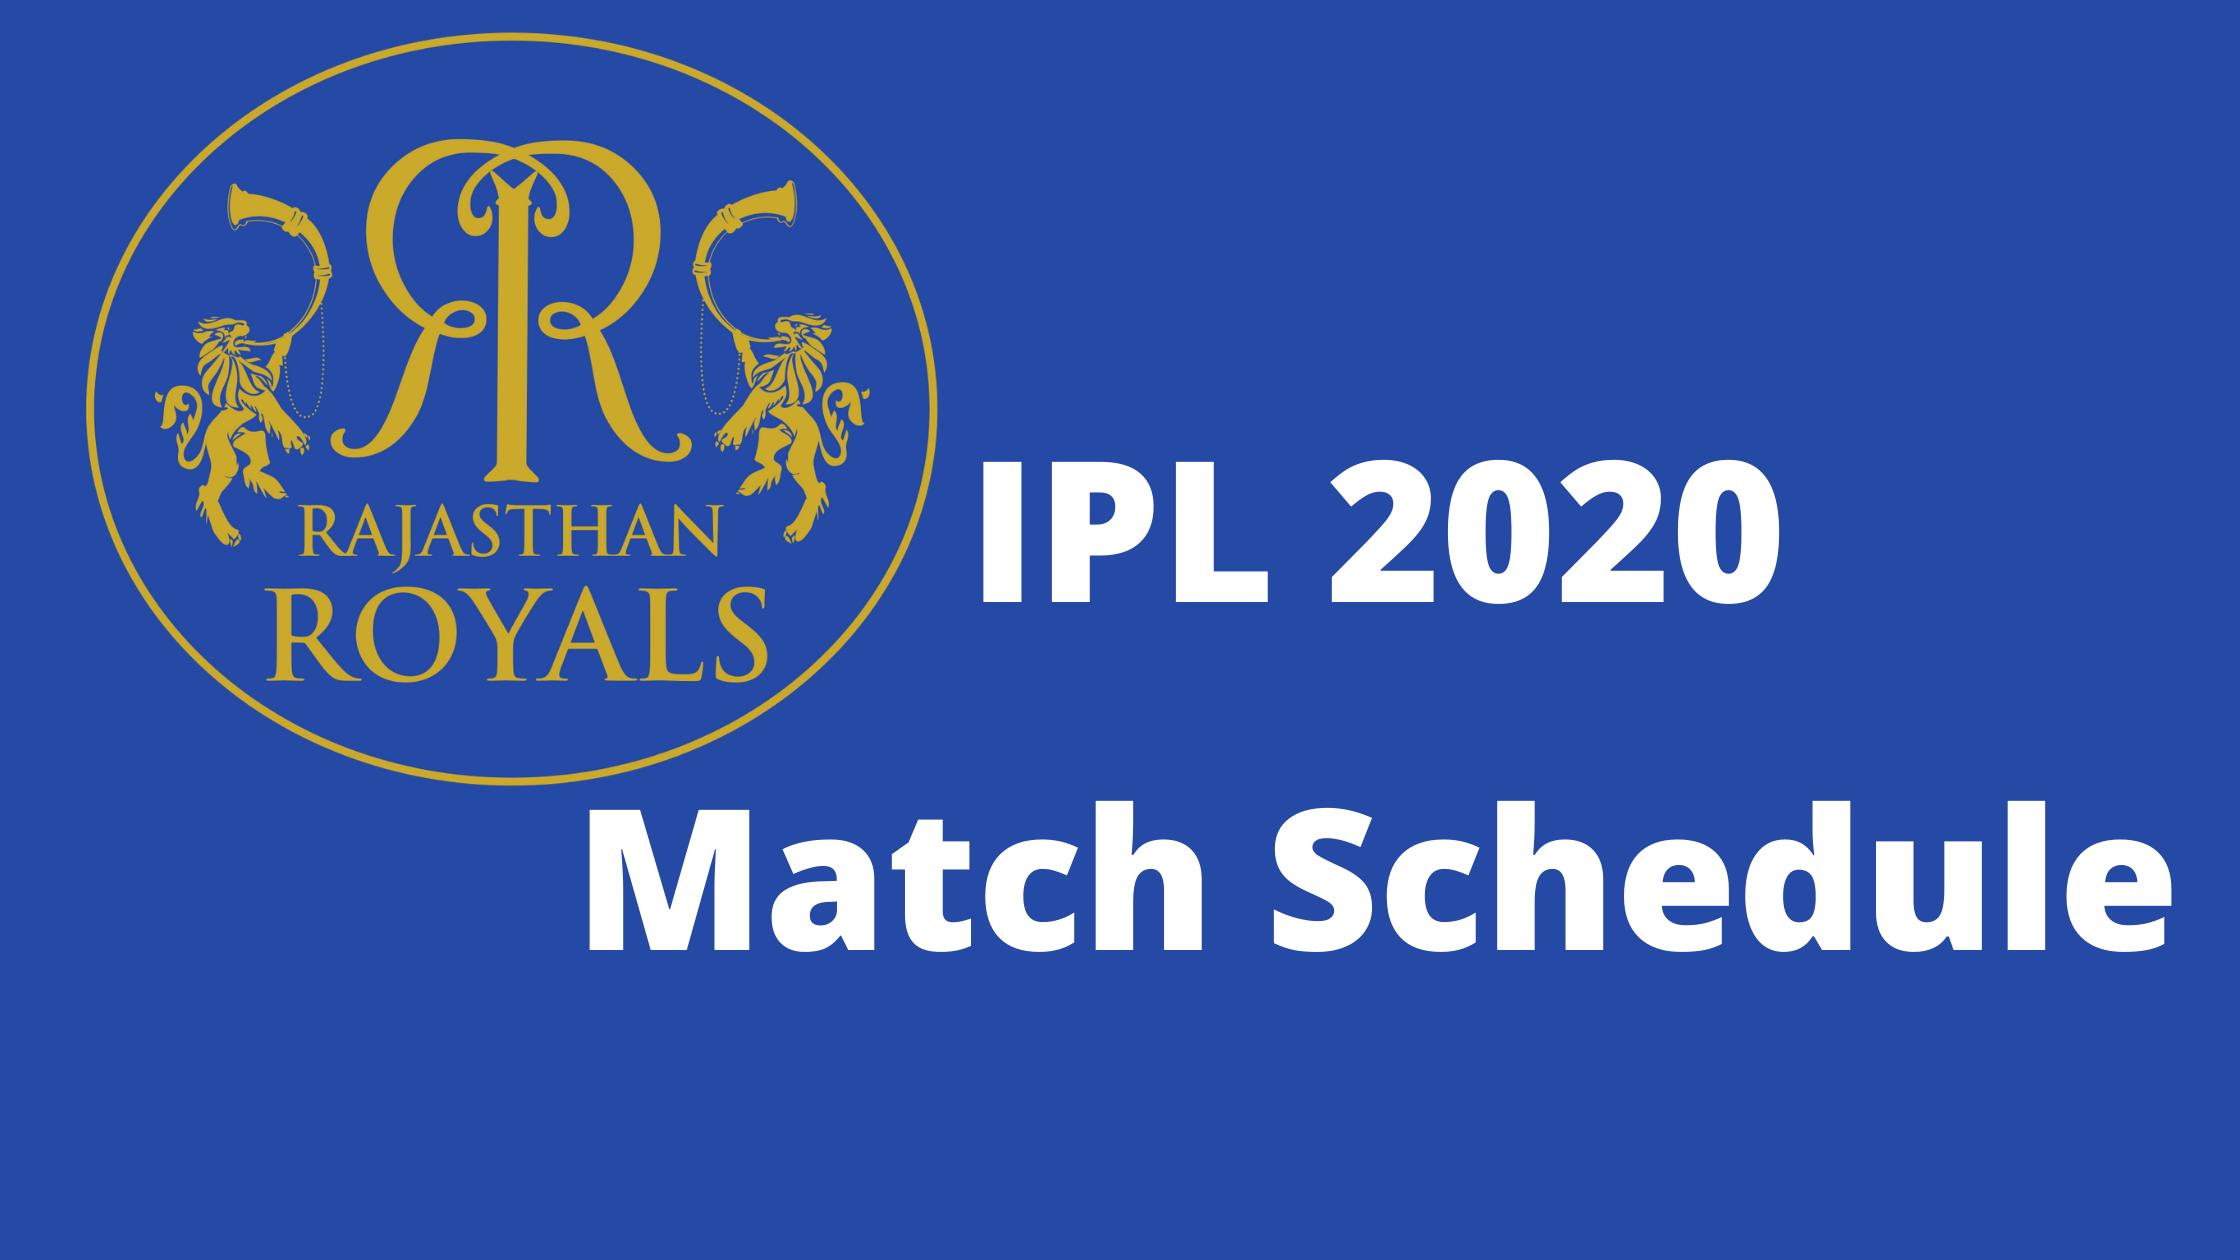 Dream11 IPL 2020 Rajasthan Royals Match Schedule